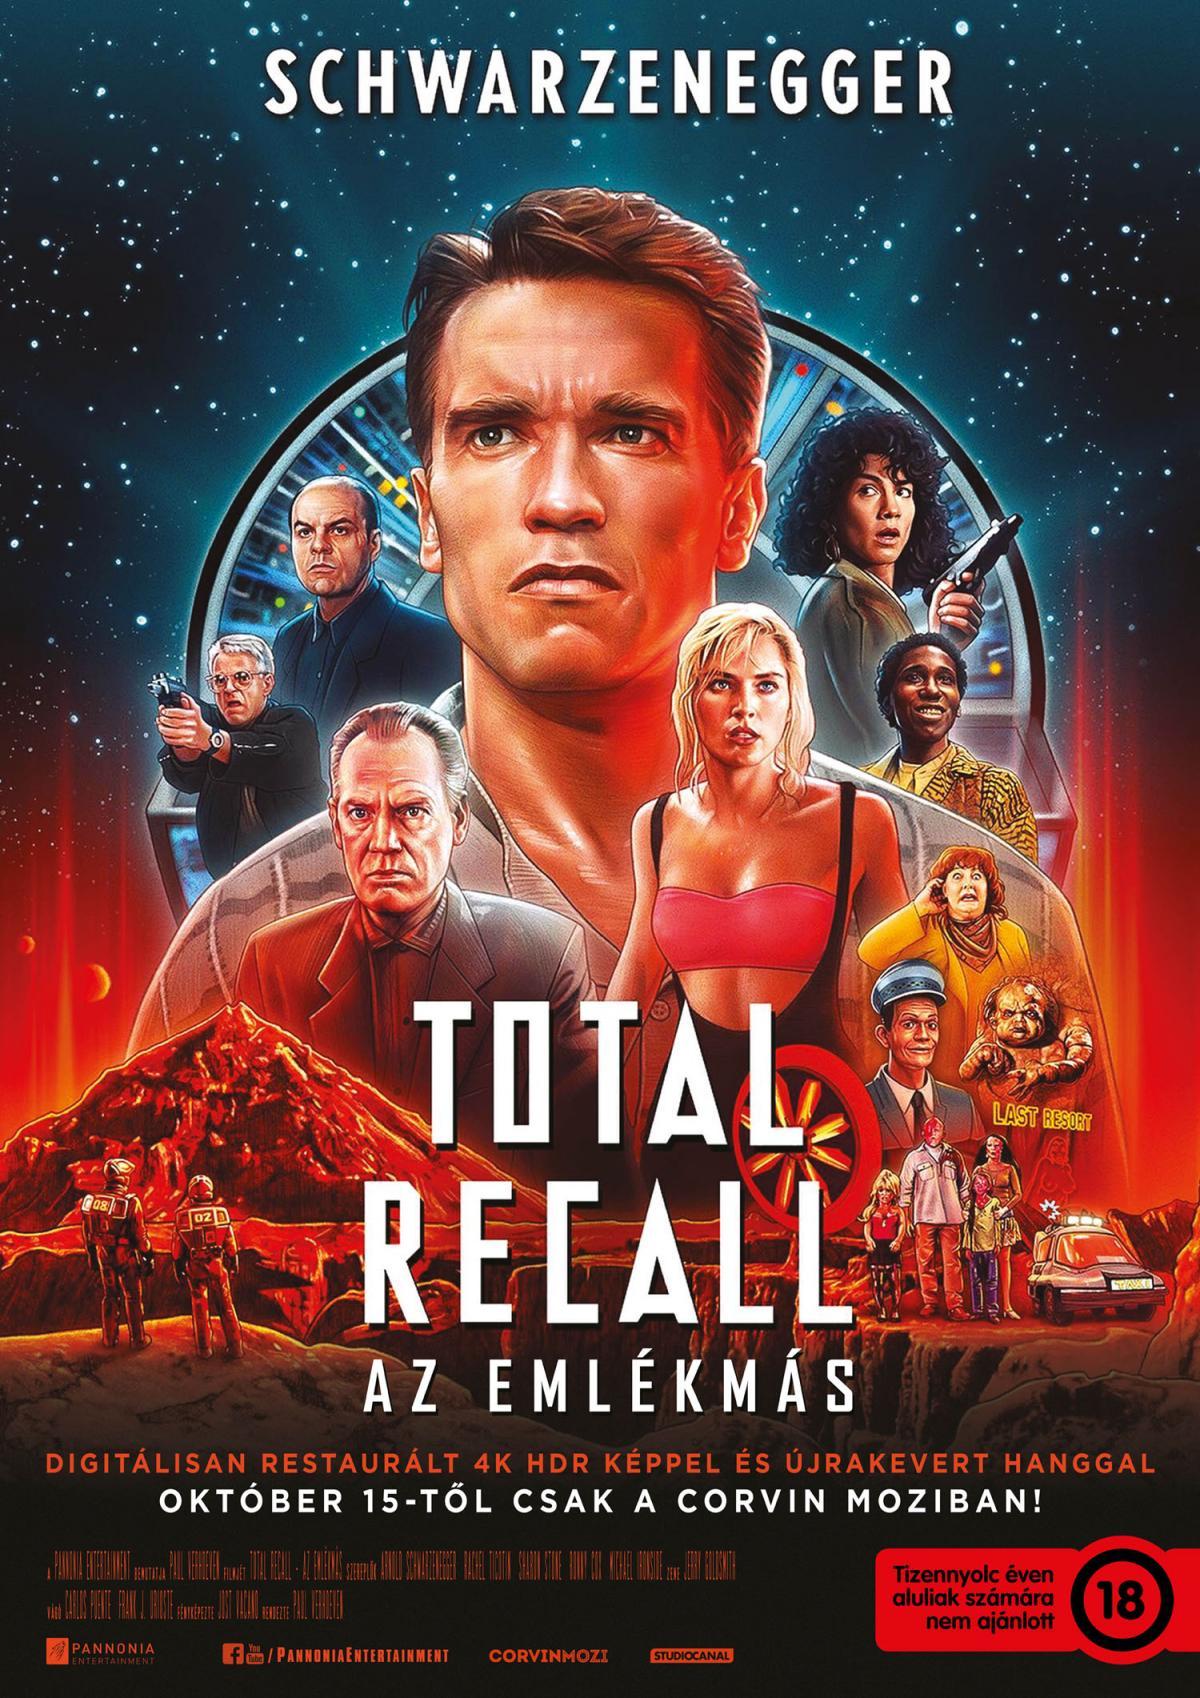 Film Total Recall Az Emlekmas Muveszmozi Hu